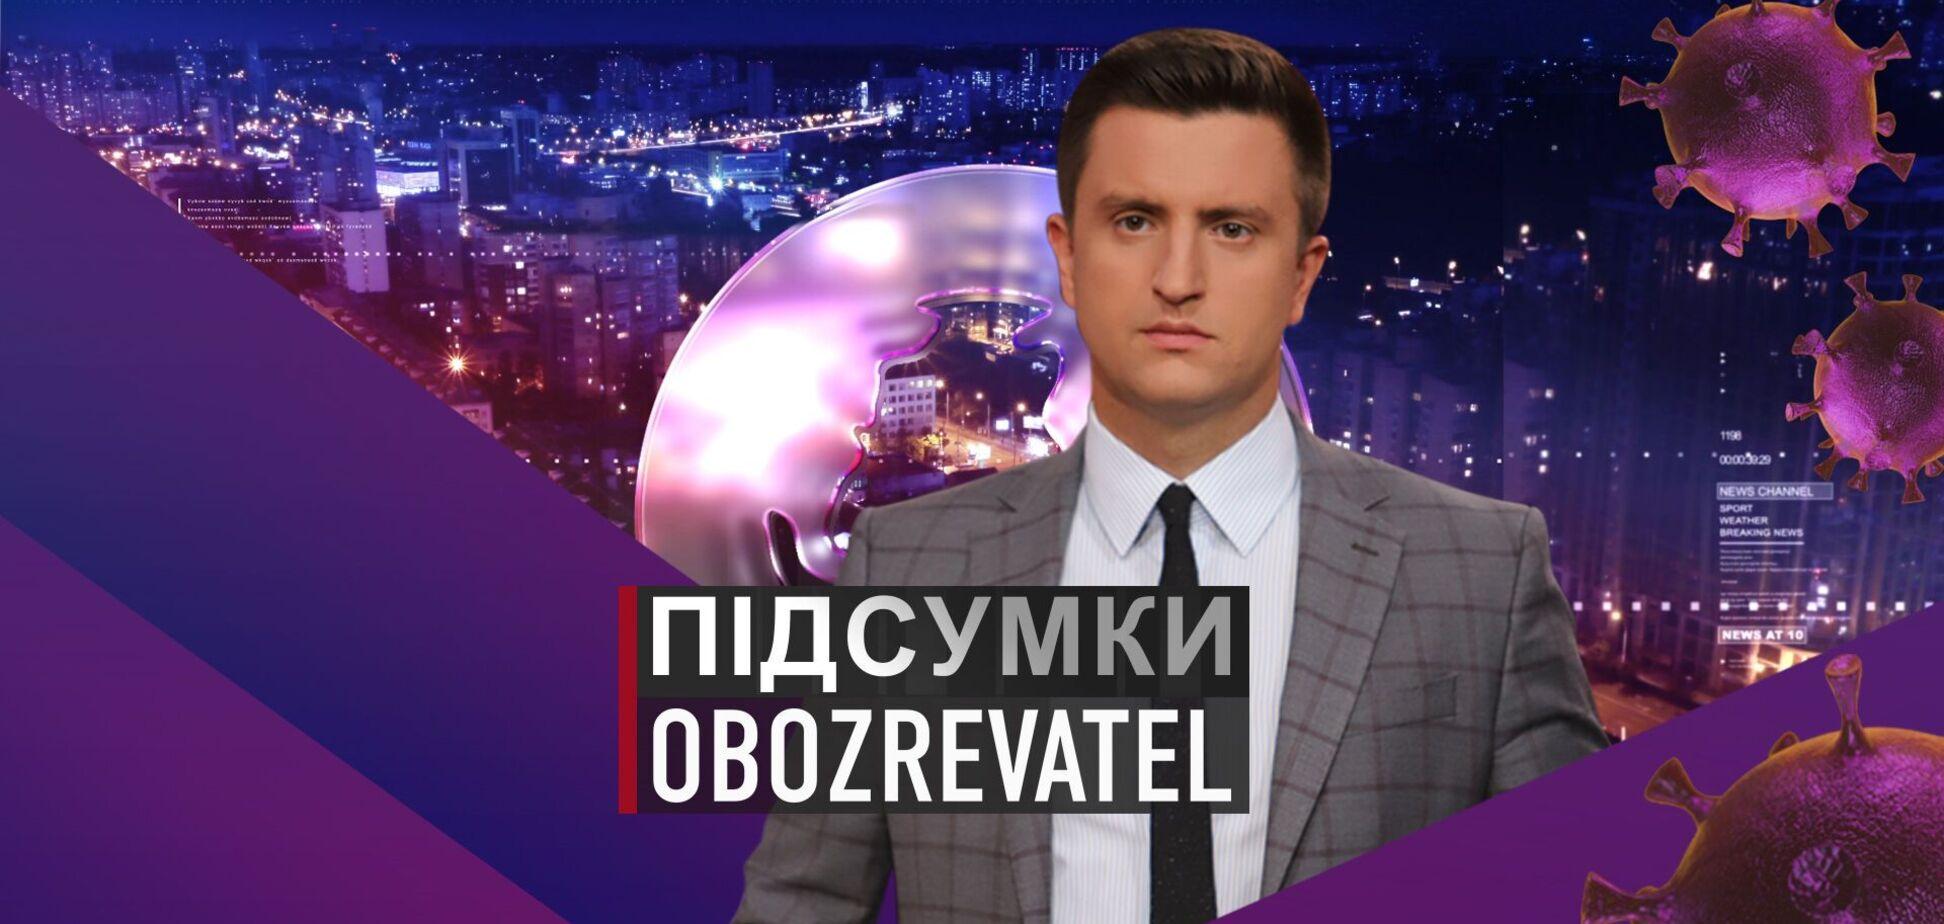 Підсумки с Вадимом Колодийчуком. Понедельник, 27 сентября